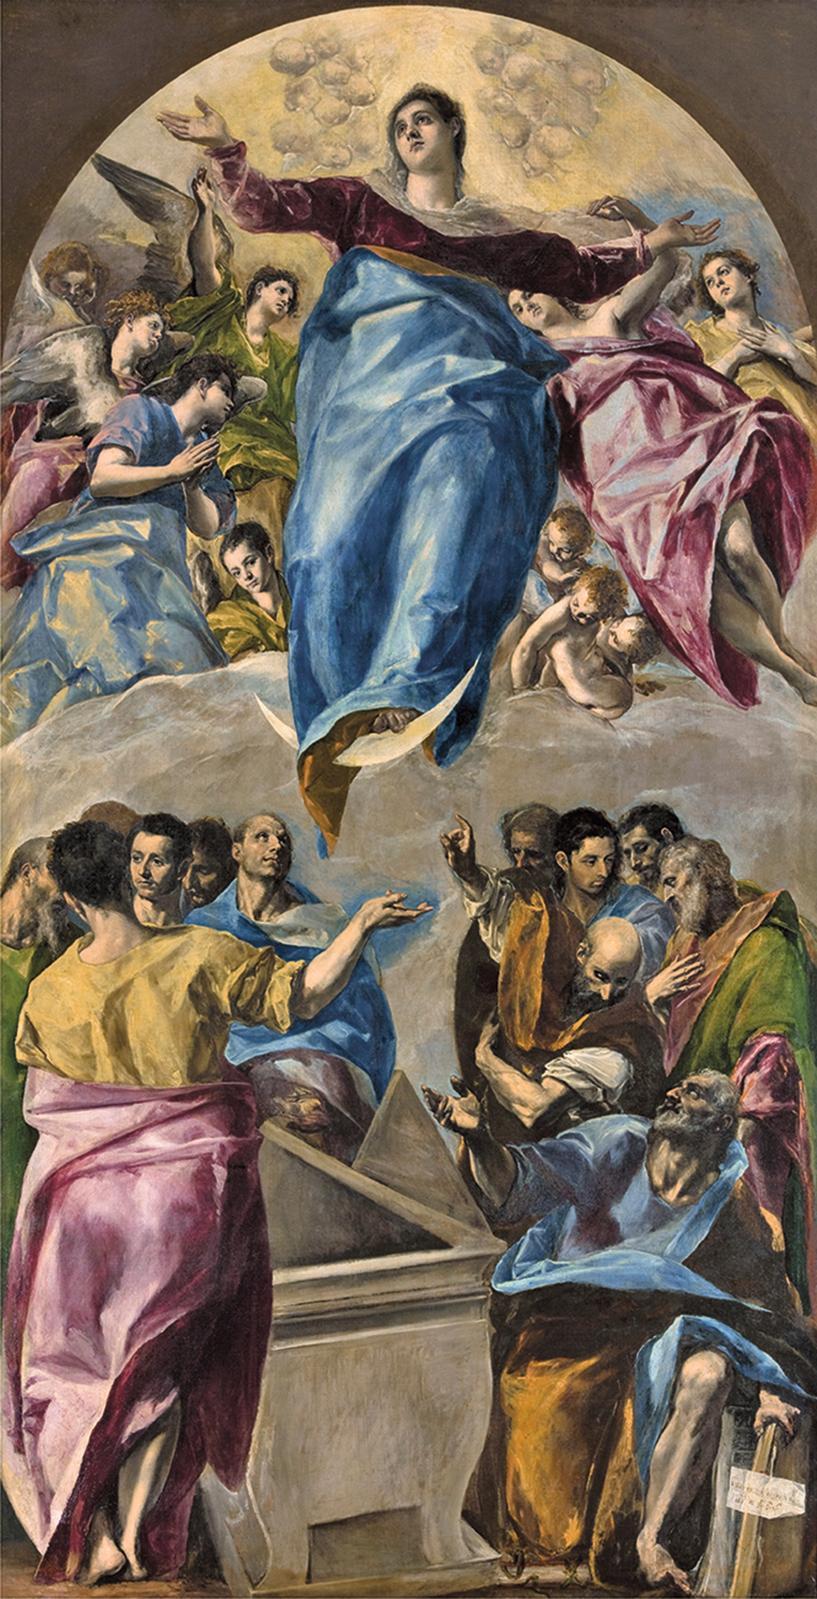 Dominikos Theotokopoulos, dit le Greco, L'Assomption de la Vierge, 1577-1579, huile sur toile, 403,2x211,8cm.